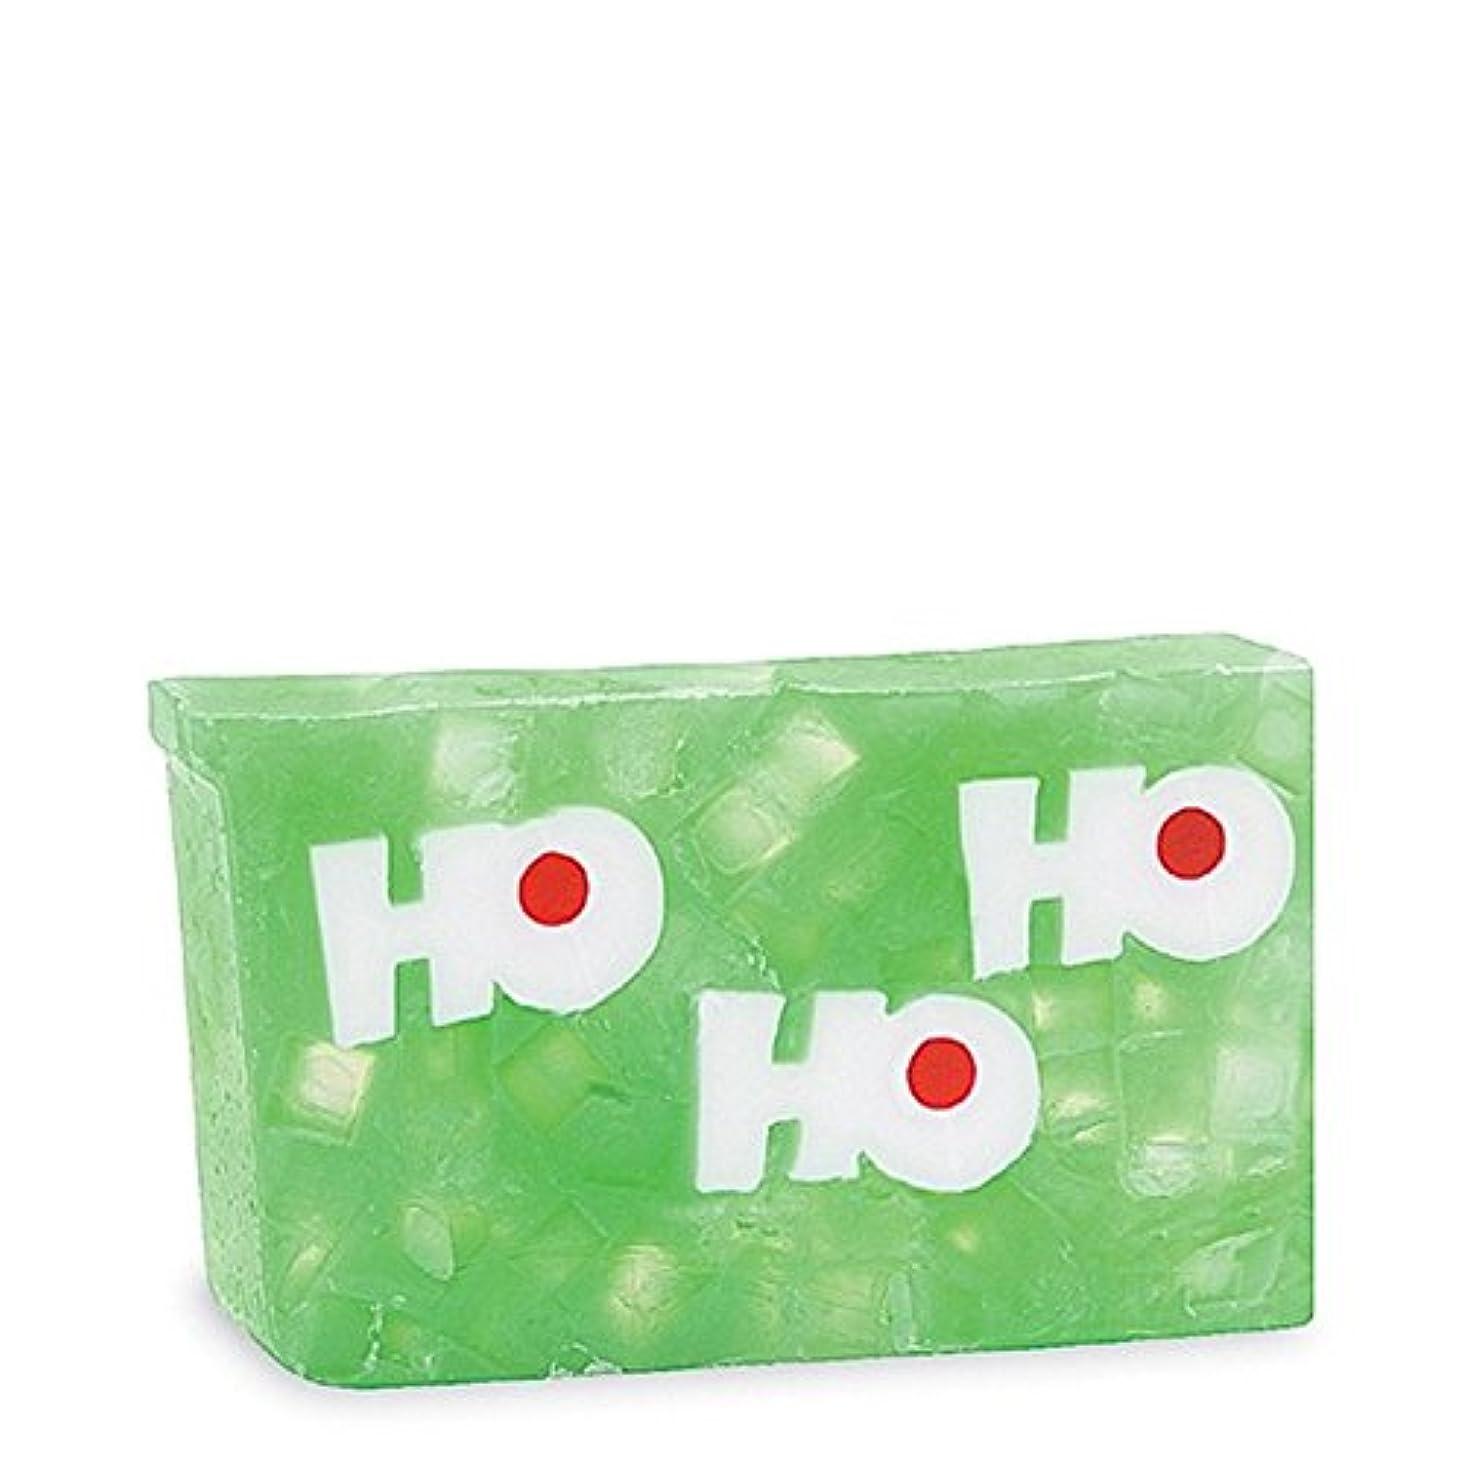 ハードリング受益者分泌する原初の要素ホーホーホ石鹸 x2 - Primal Elements Ho Ho Ho Soap (Pack of 2) [並行輸入品]